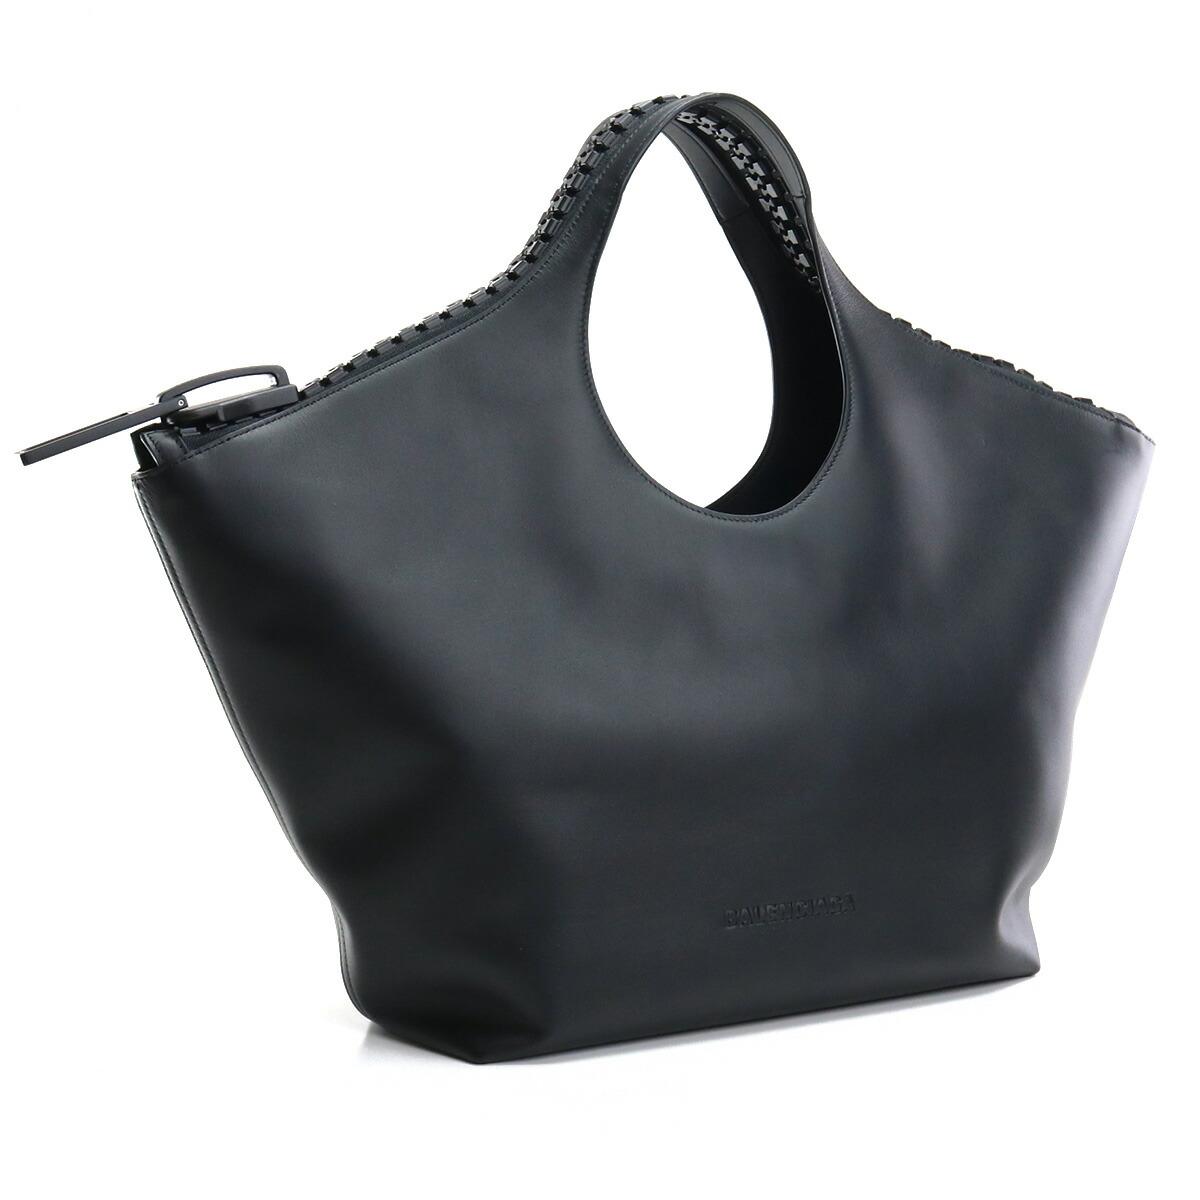 バレンシアガ BALENCIAGA  トートバッグ ブランドバッグ 656078 11R77 1000 ブラック bos-09 bag-01